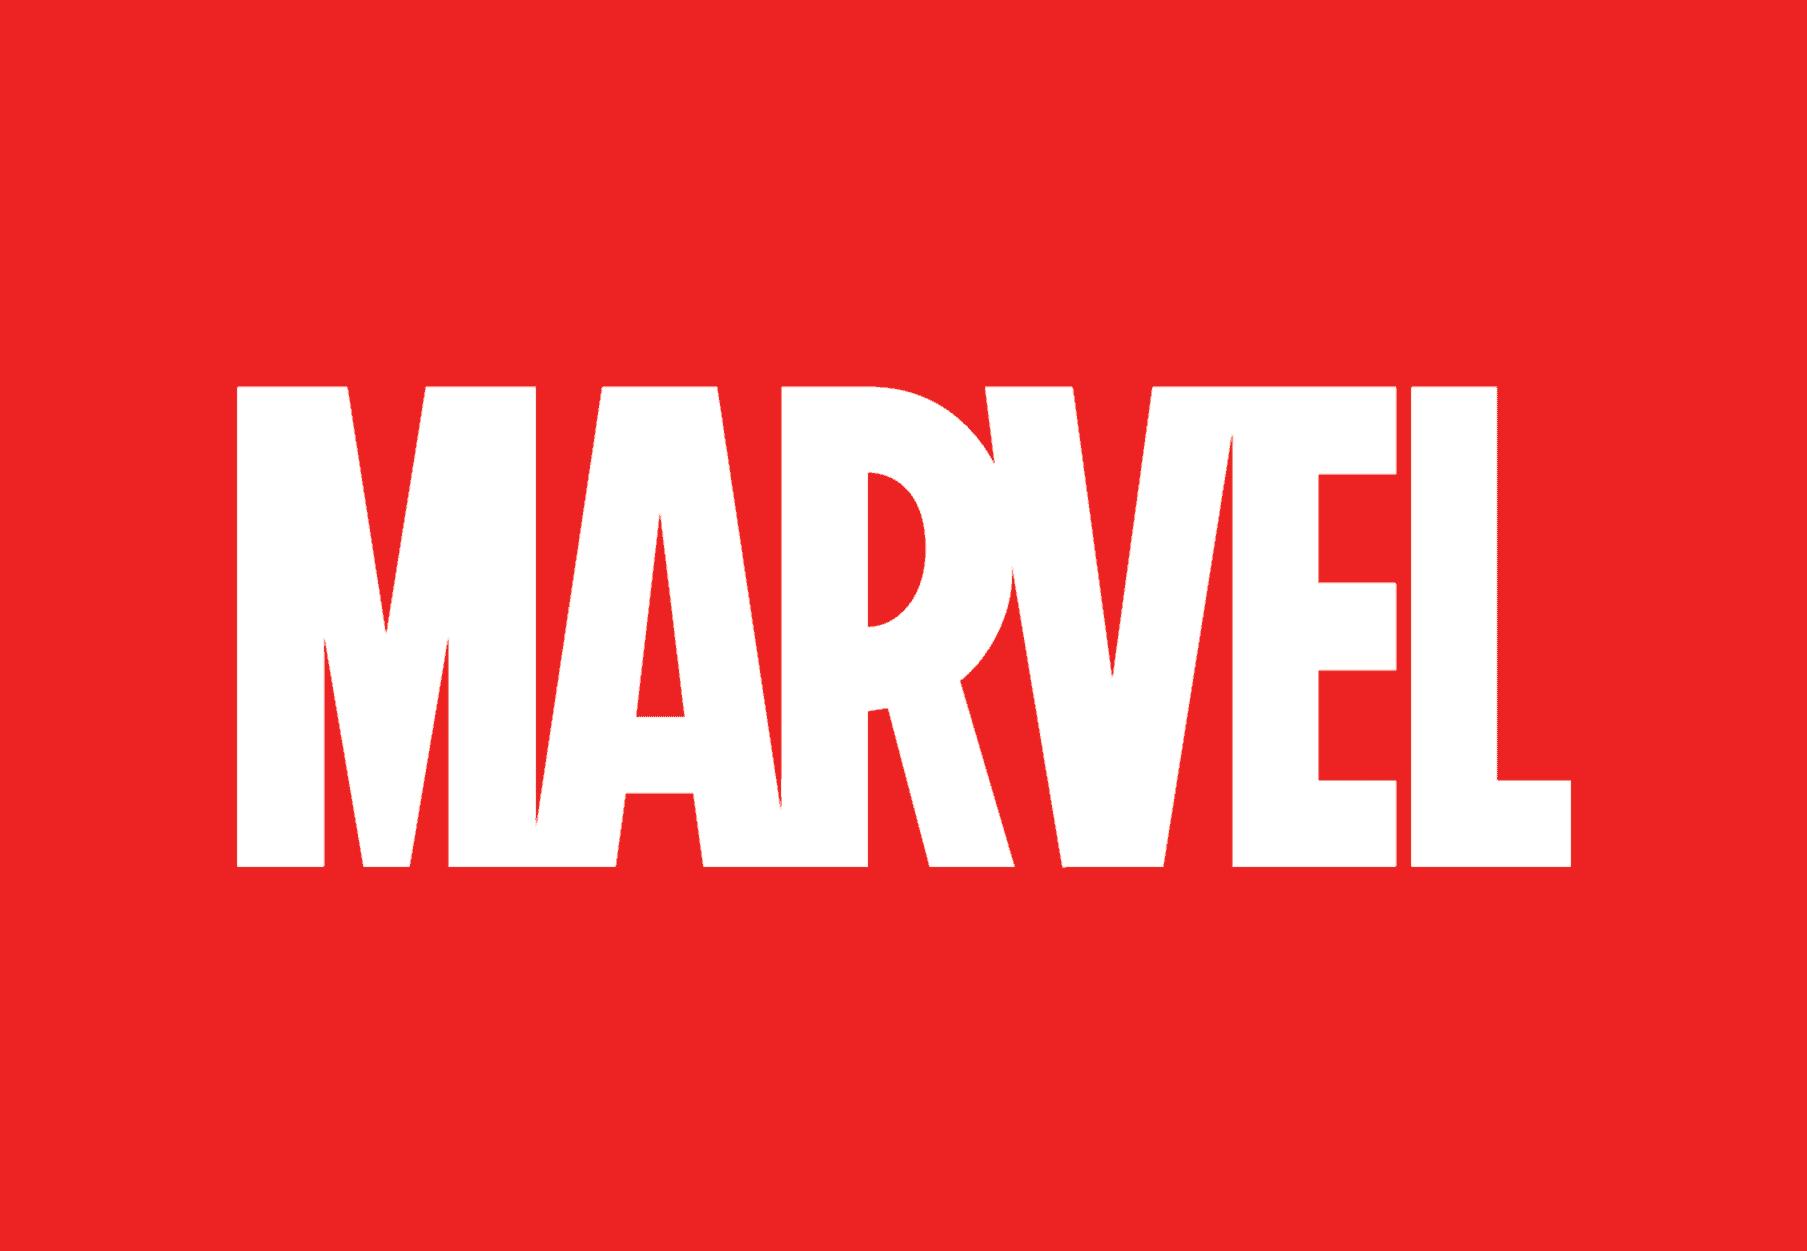 marvelylf-logo